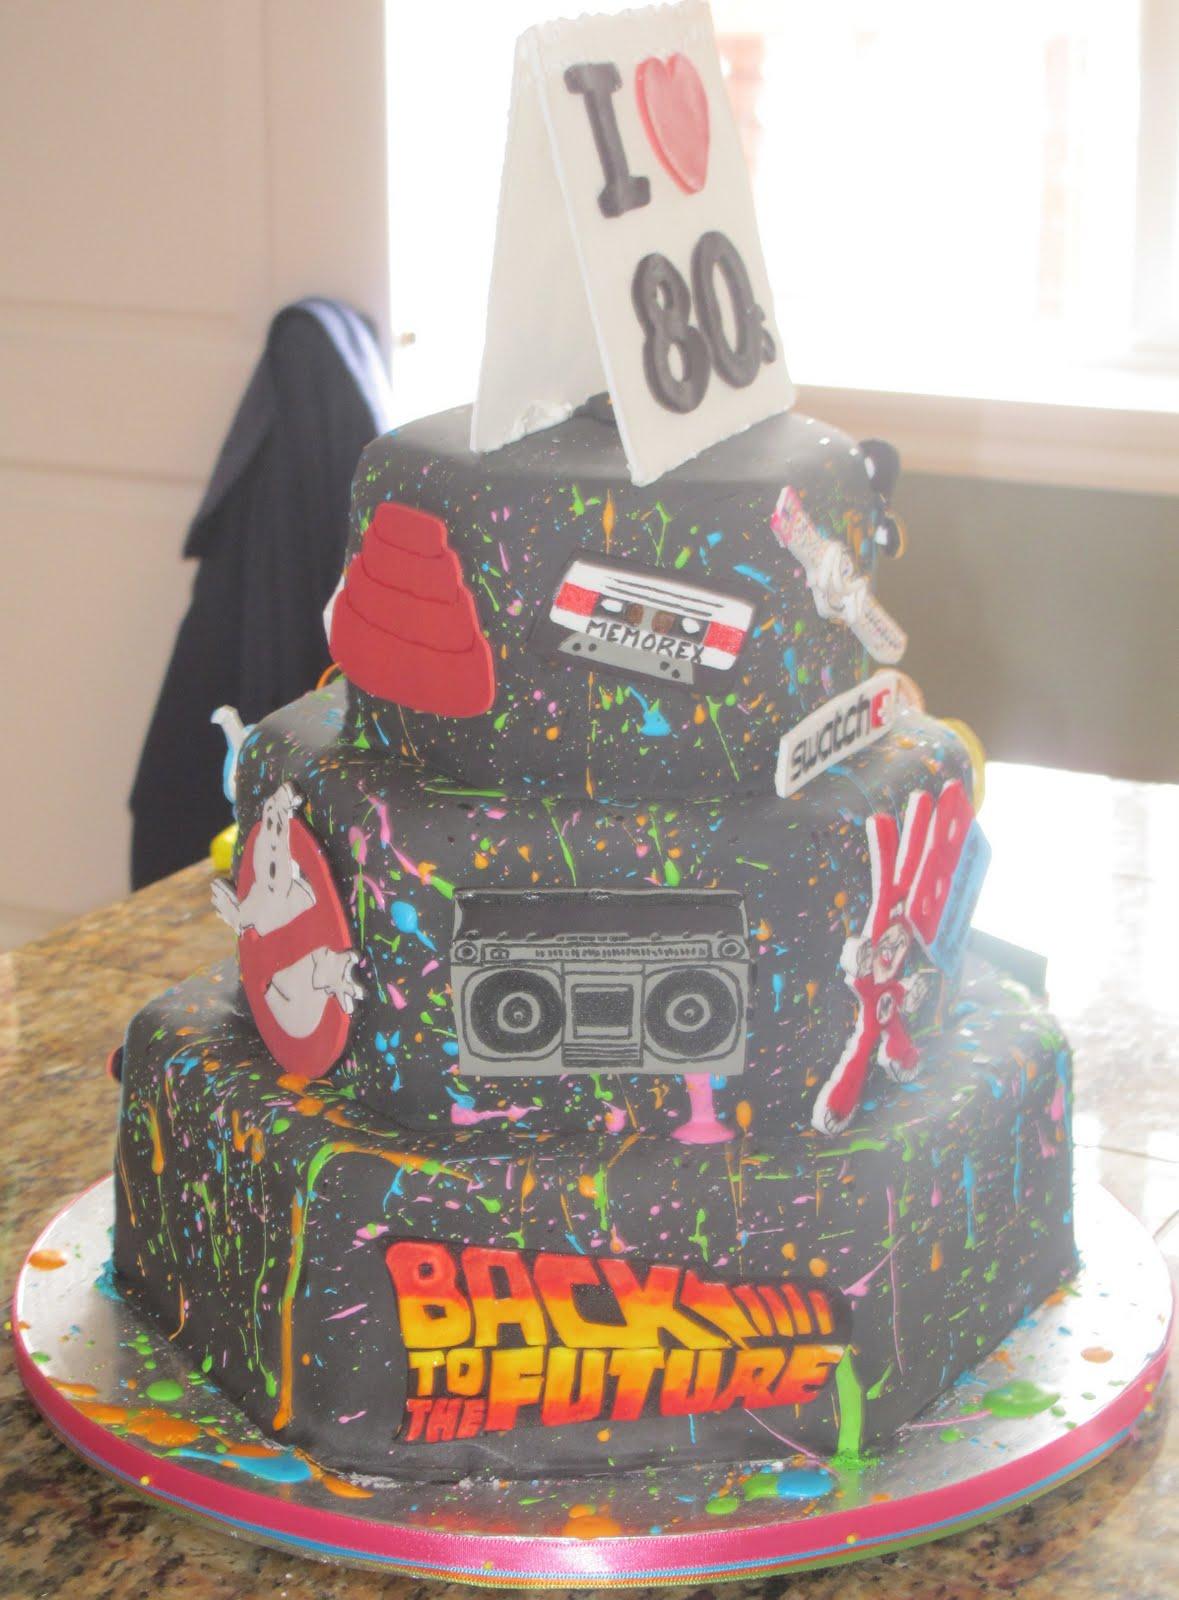 J's Cakes: I [Heart] 80s Cake